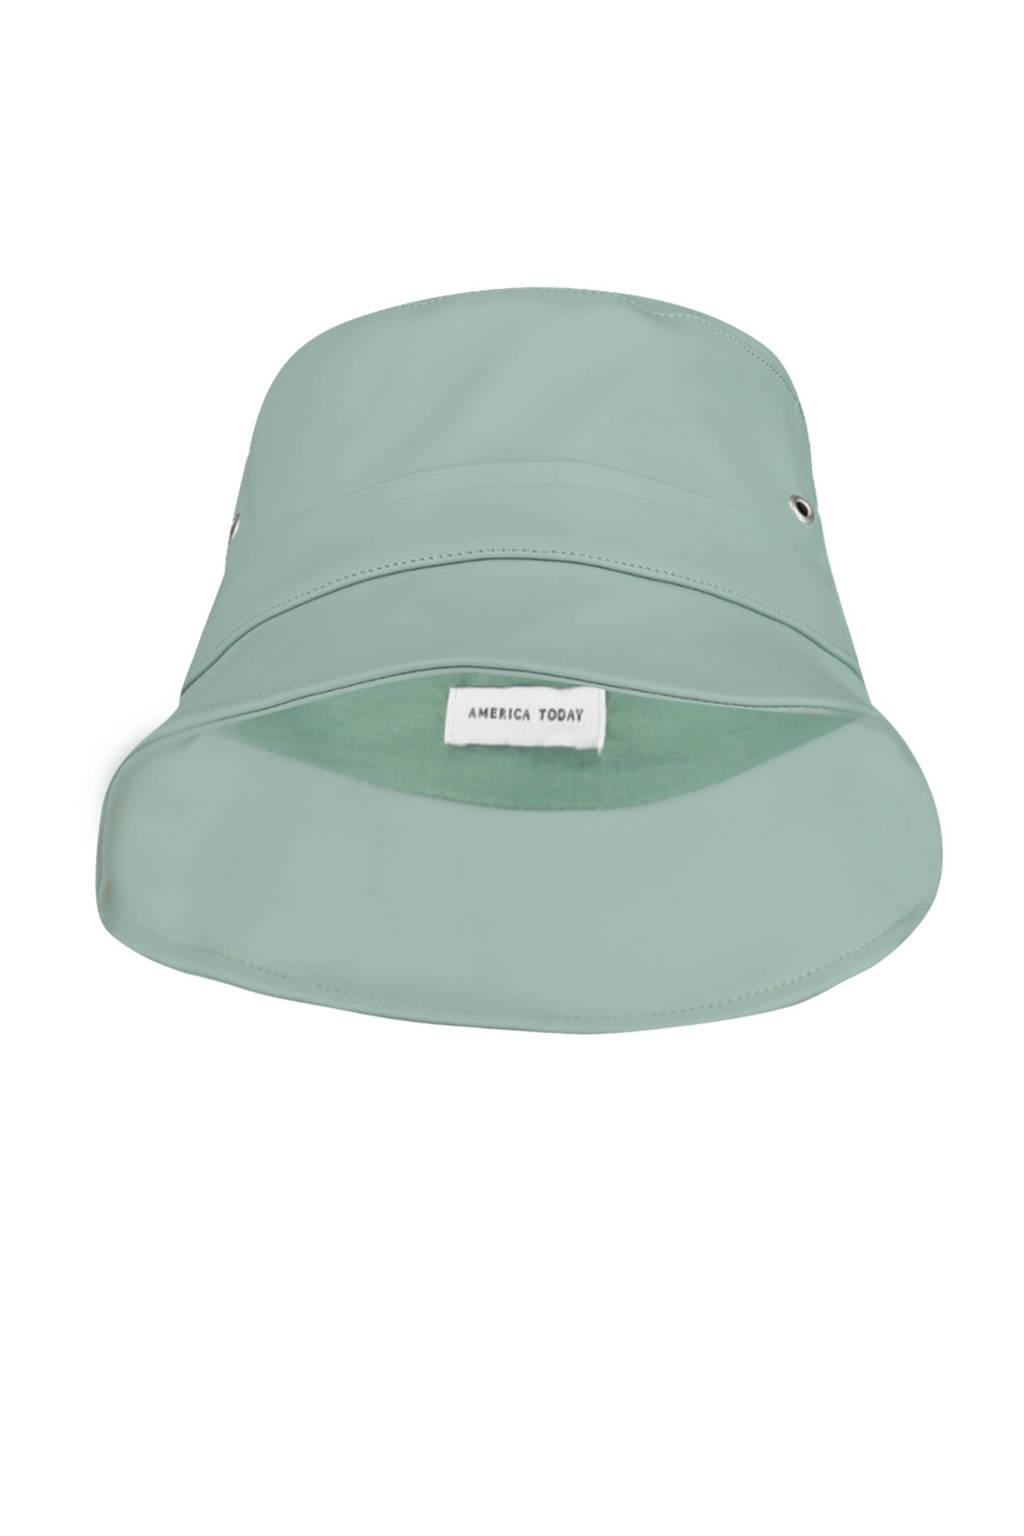 America Today Junior bucket hat groen, Groen/Saliegroen